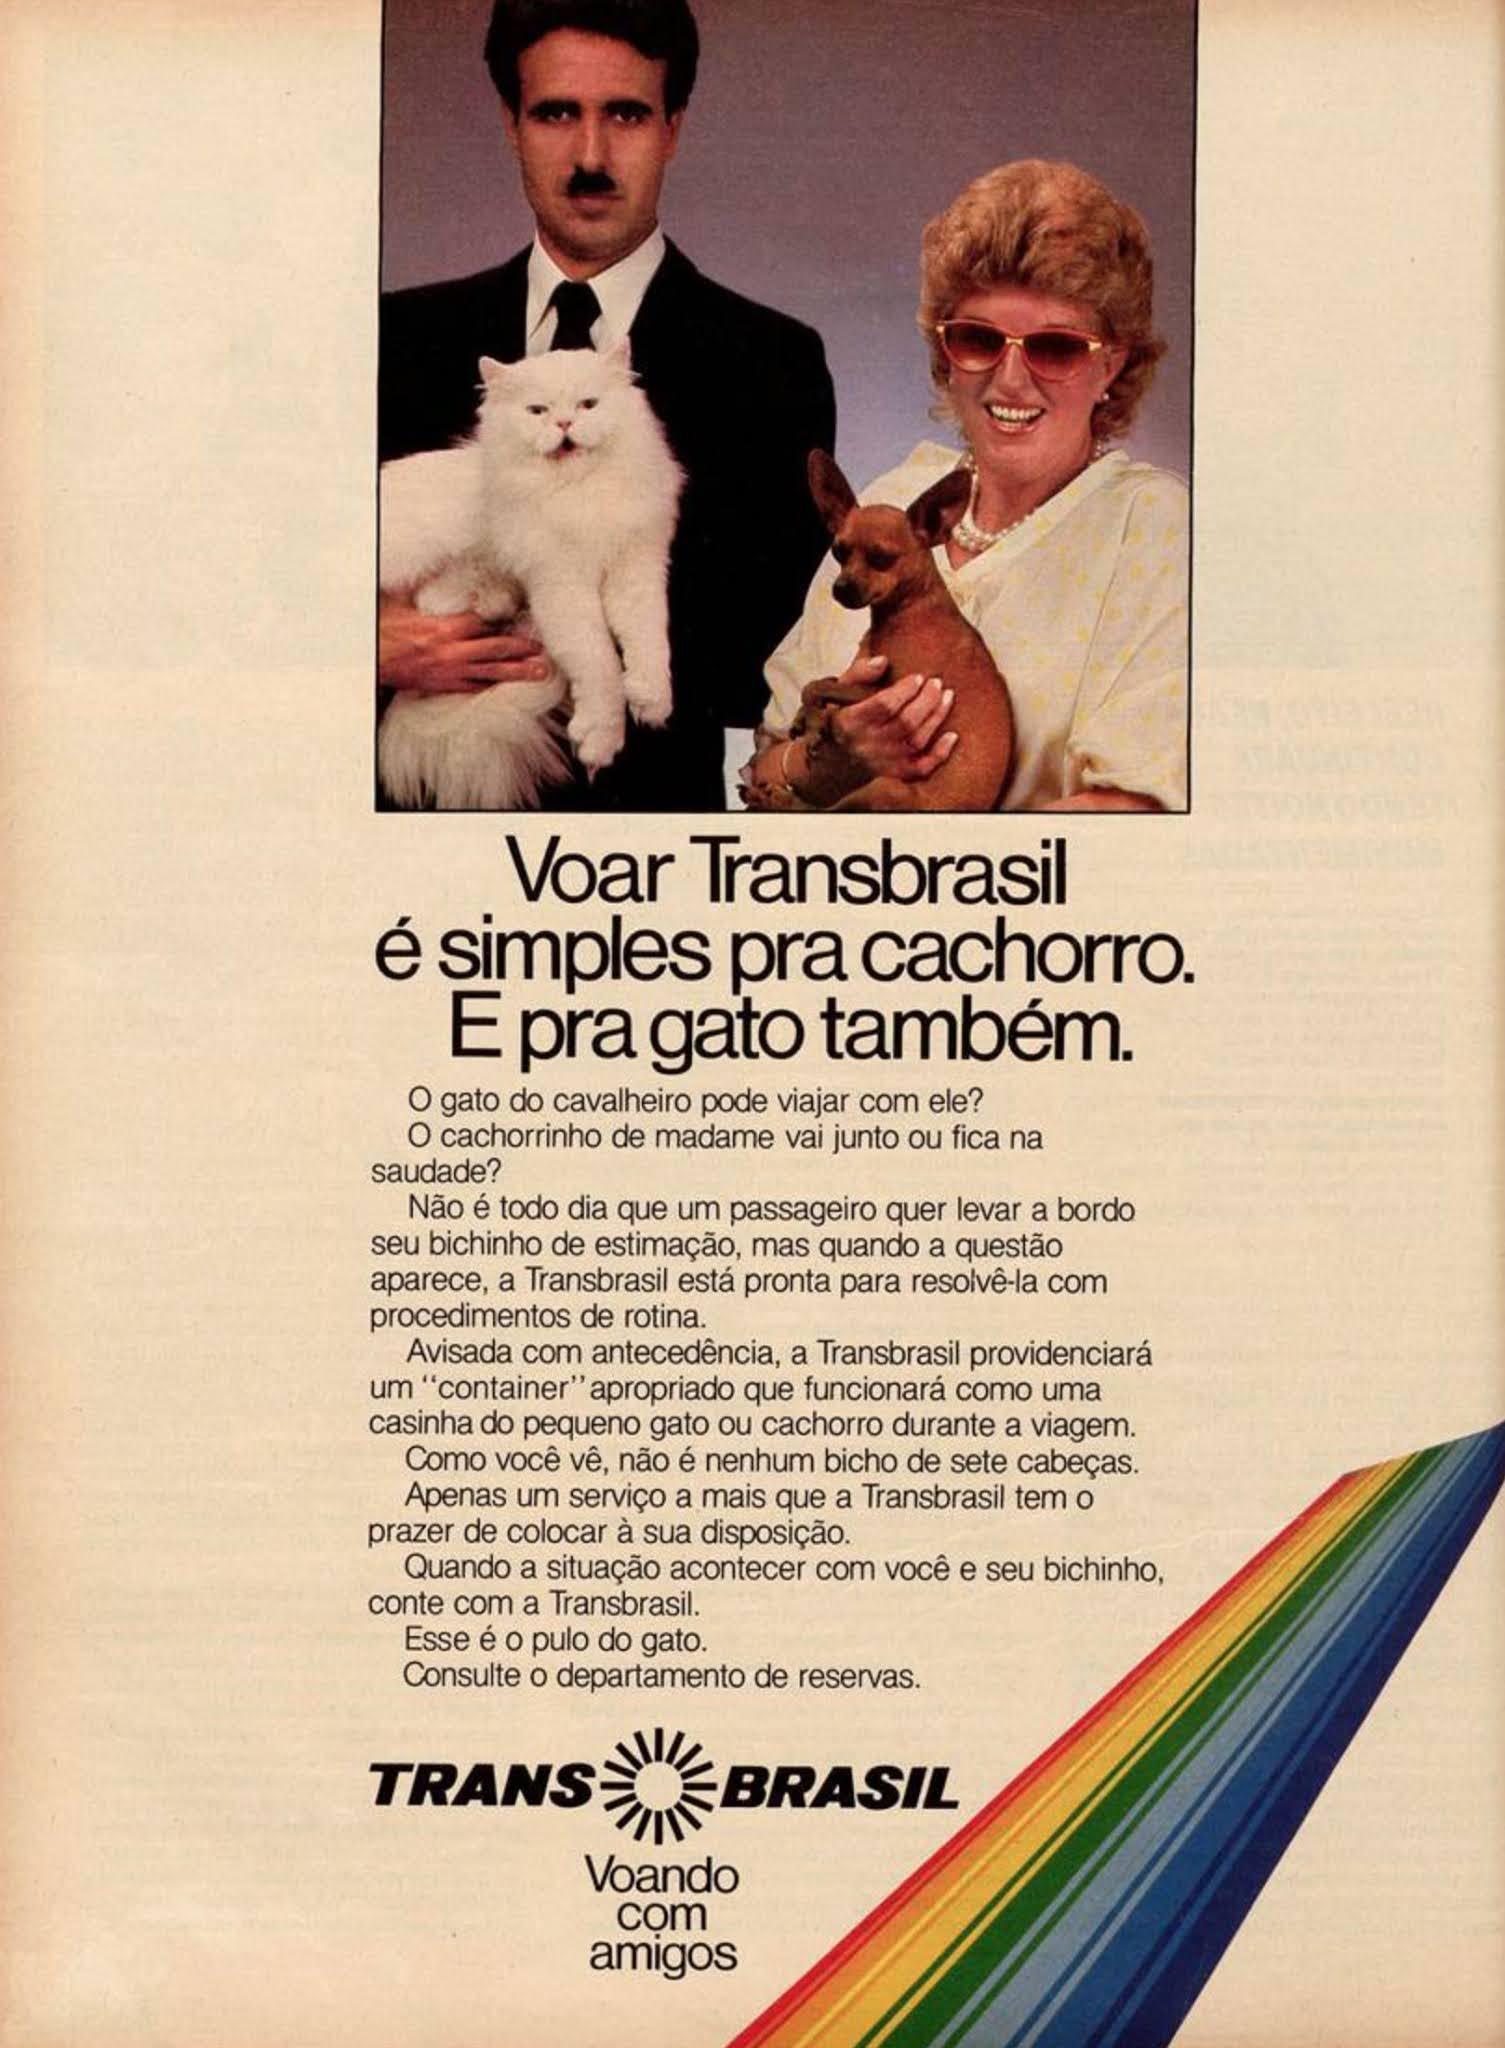 Propaganda antiga da Transbrasil ofertando serviço de transporte de animais domésticos durante os voos